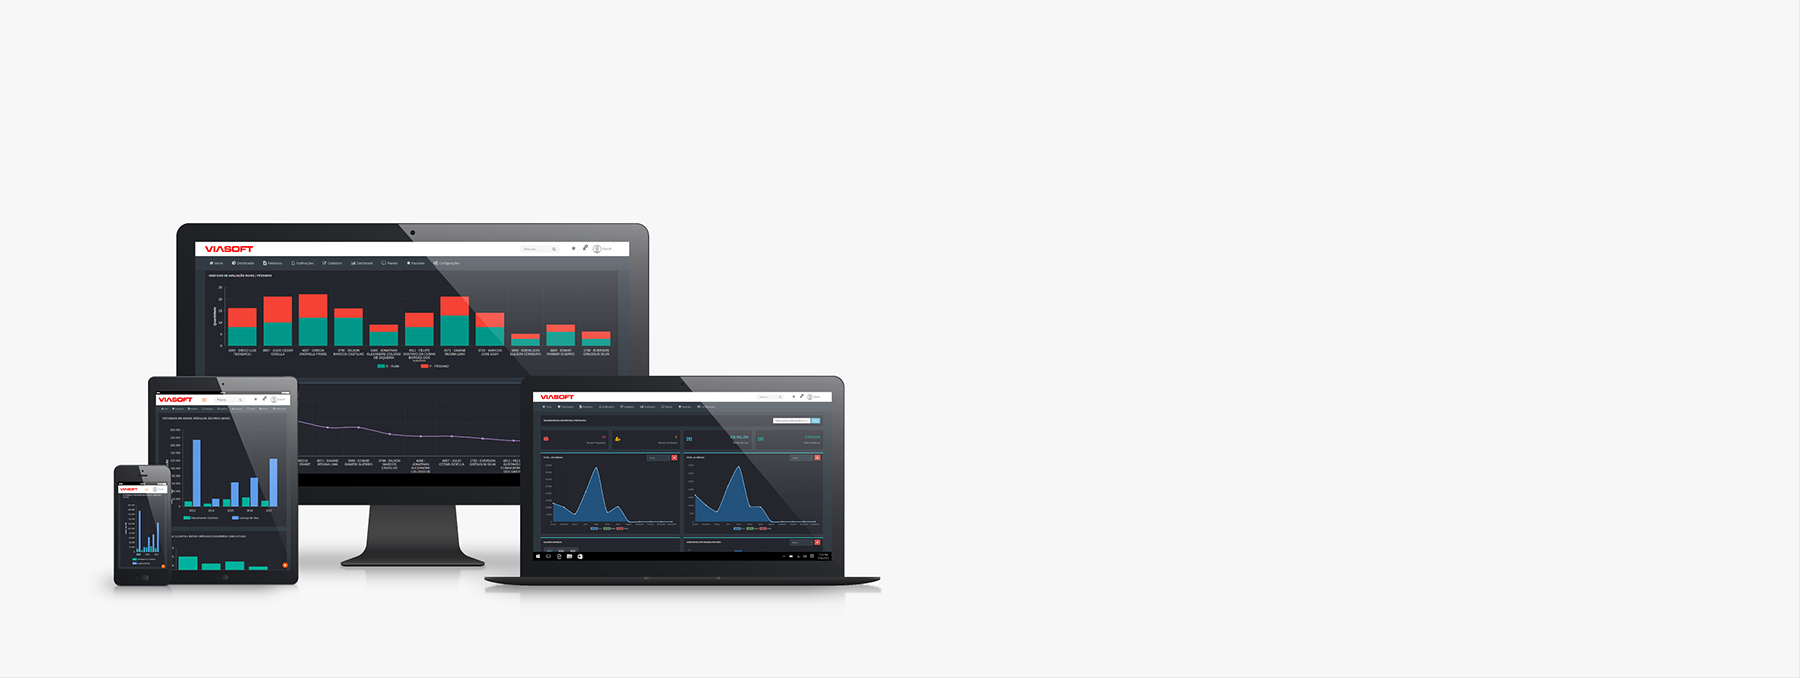 ganhe escala e eficiência operacional software